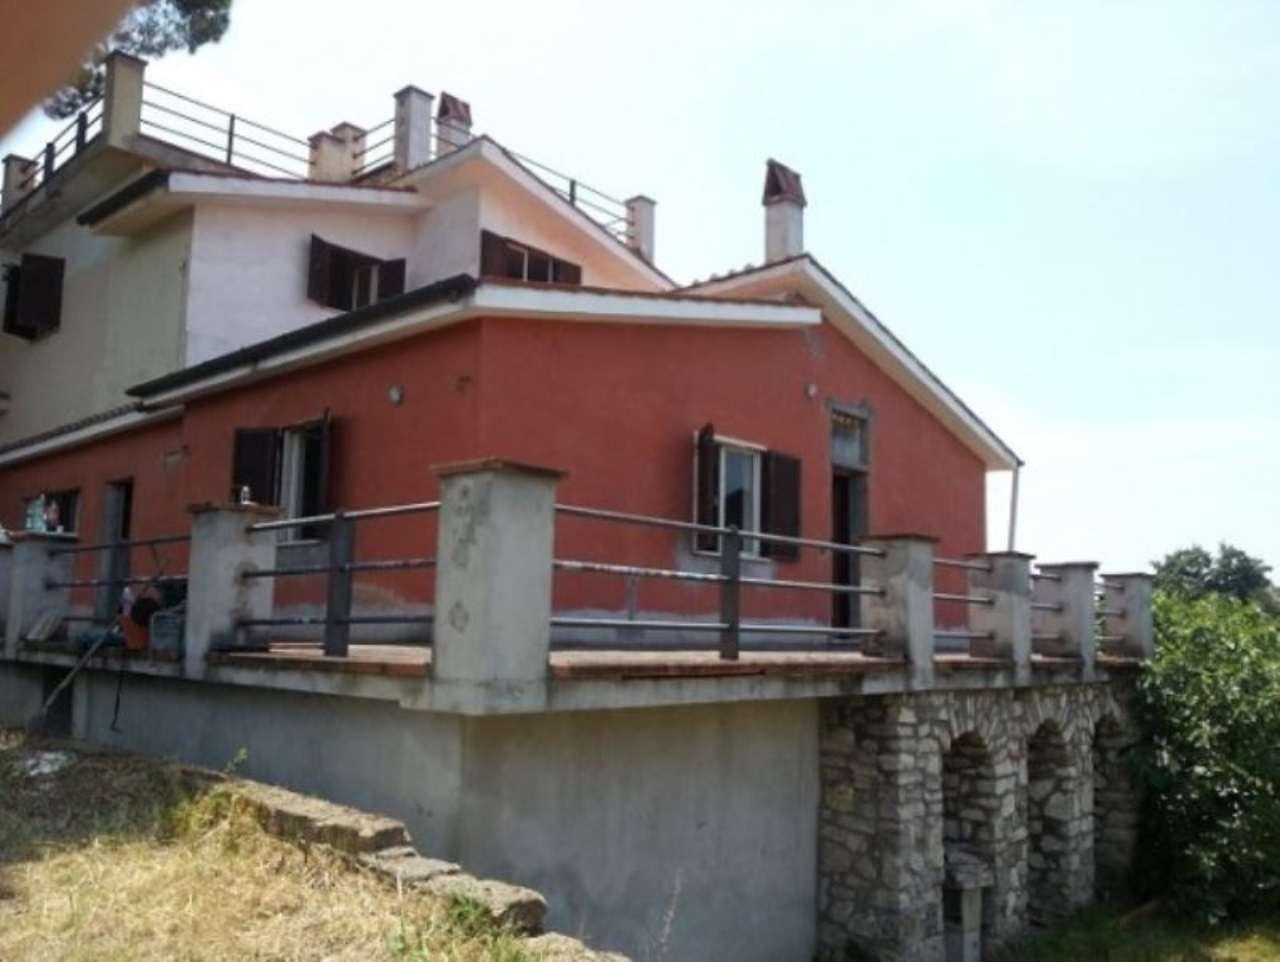 Soluzione Indipendente in vendita a Palombara Sabina, 6 locali, prezzo € 170.000 | CambioCasa.it